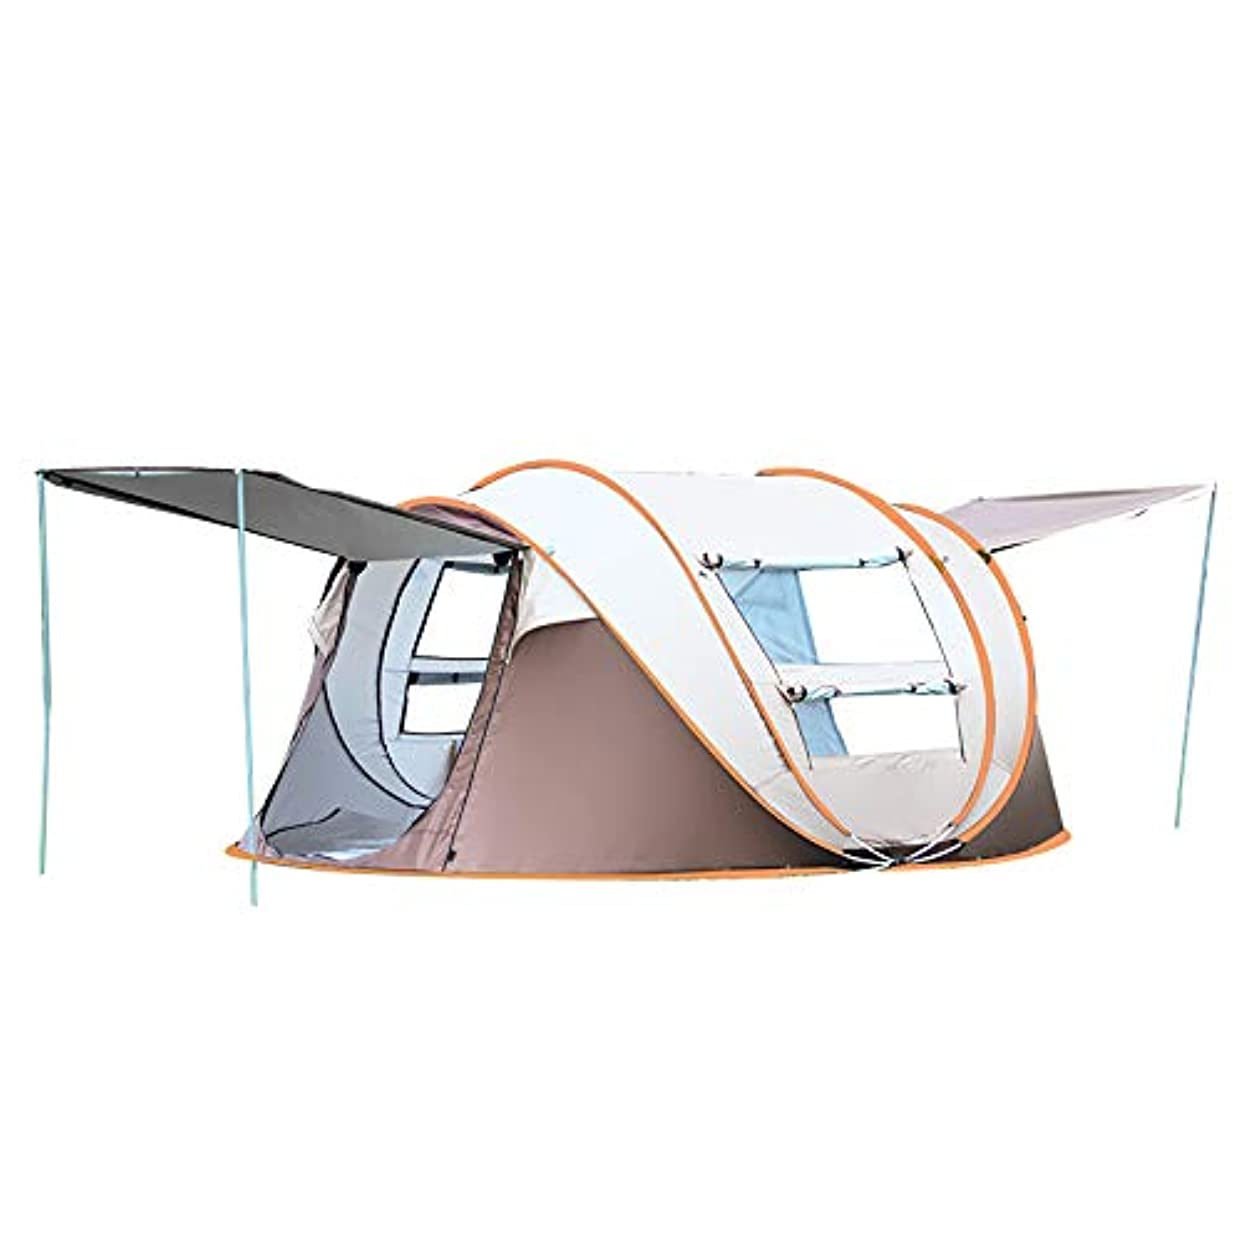 崖バスト制限する自動ポップアップキャンプテント5-8人100%防水簡単セットアップ